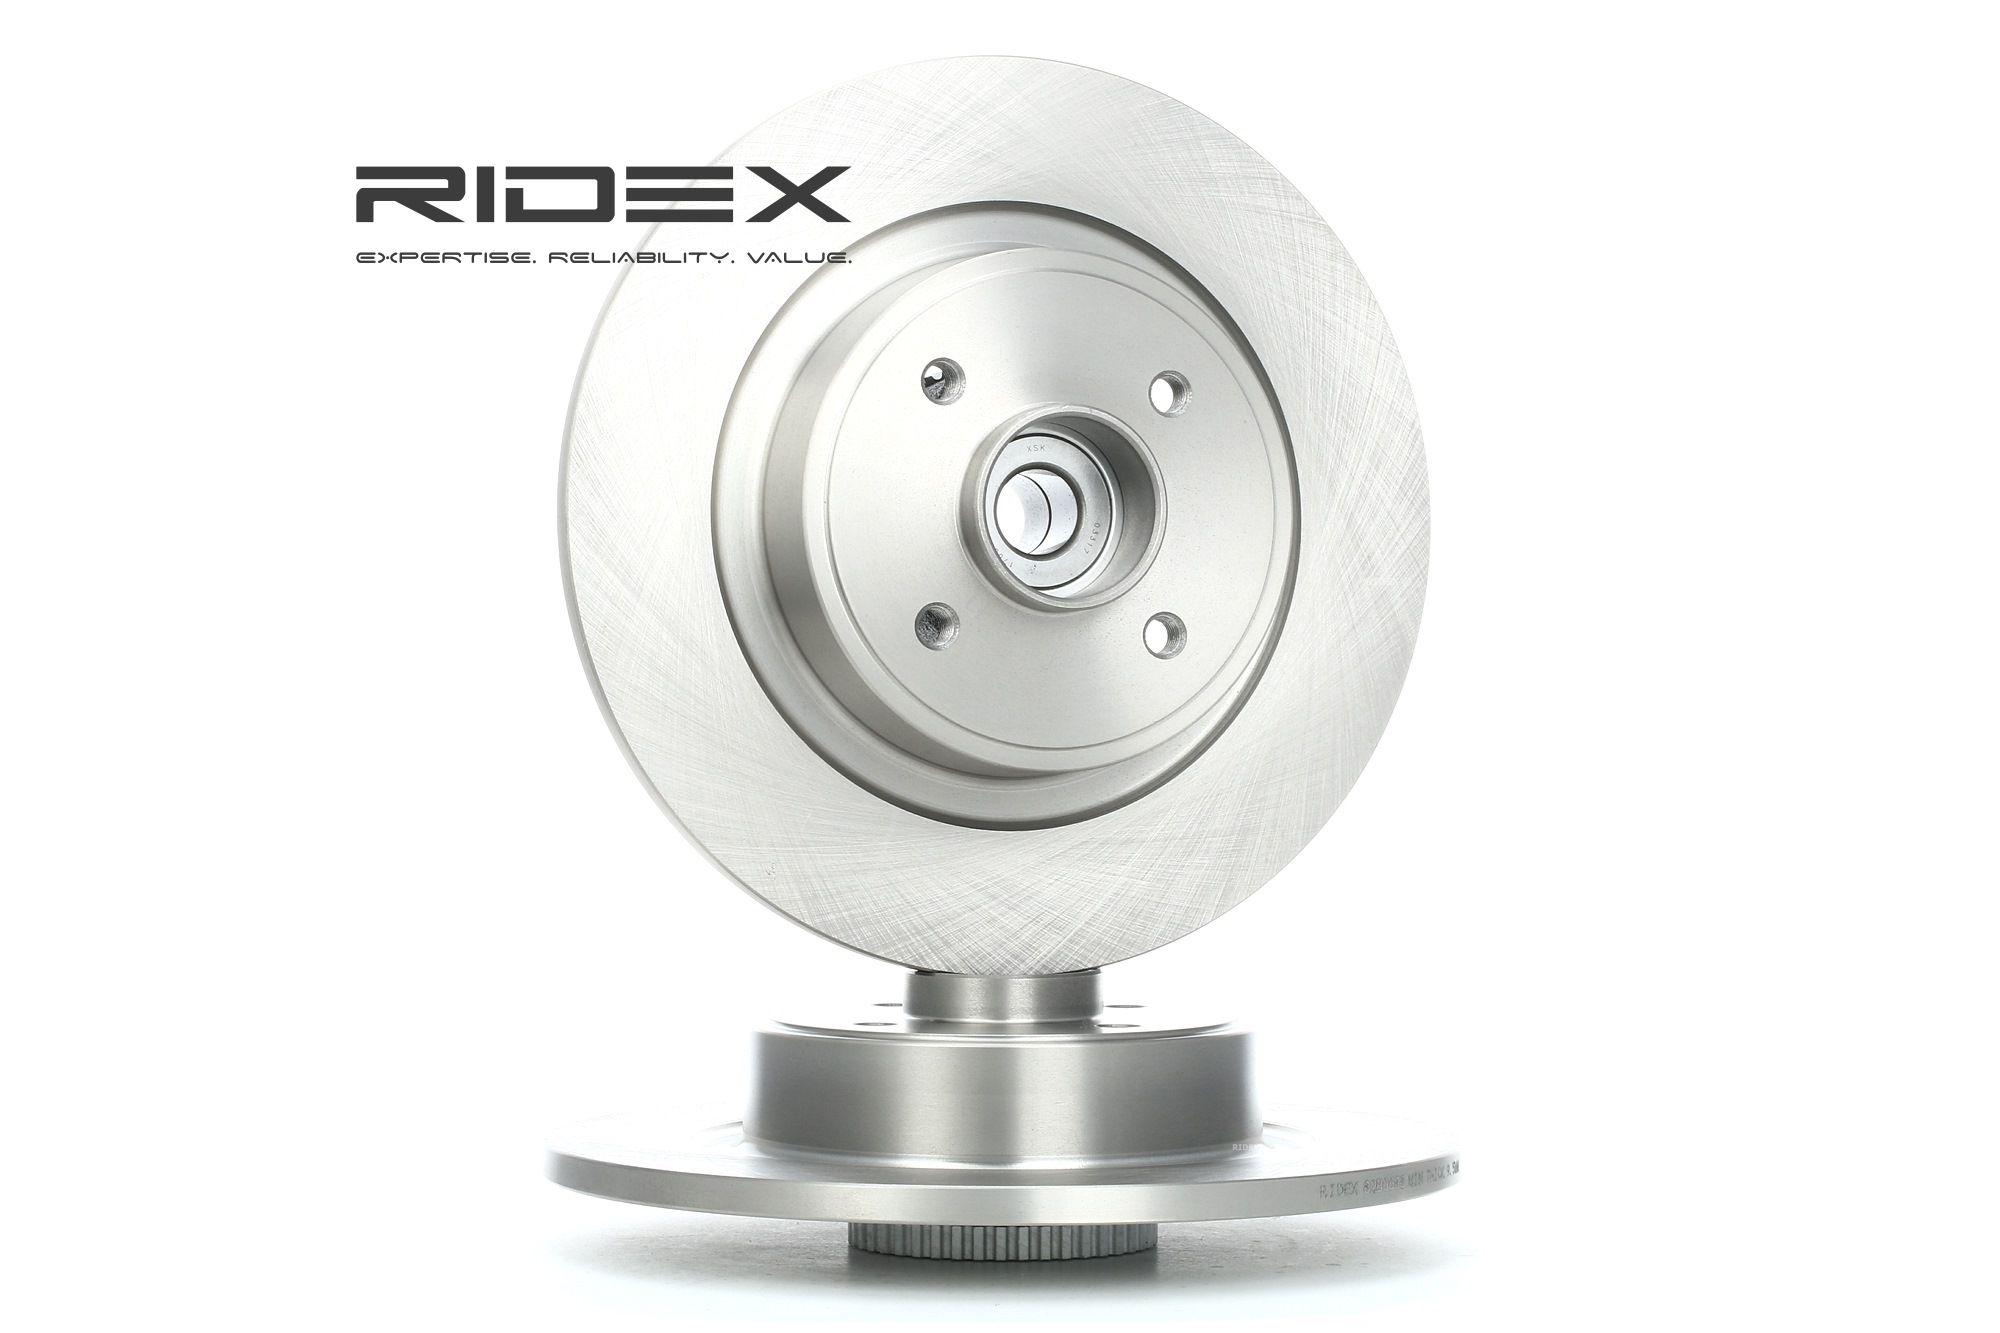 Achat de 82B0688 RIDEX Essieu arrière, plein, avec bague ABS, avec roulement de roue Ø: 274,0mm, Épaisseur du disque de frein: 11,0mm Disque de frein 82B0688 pas chères